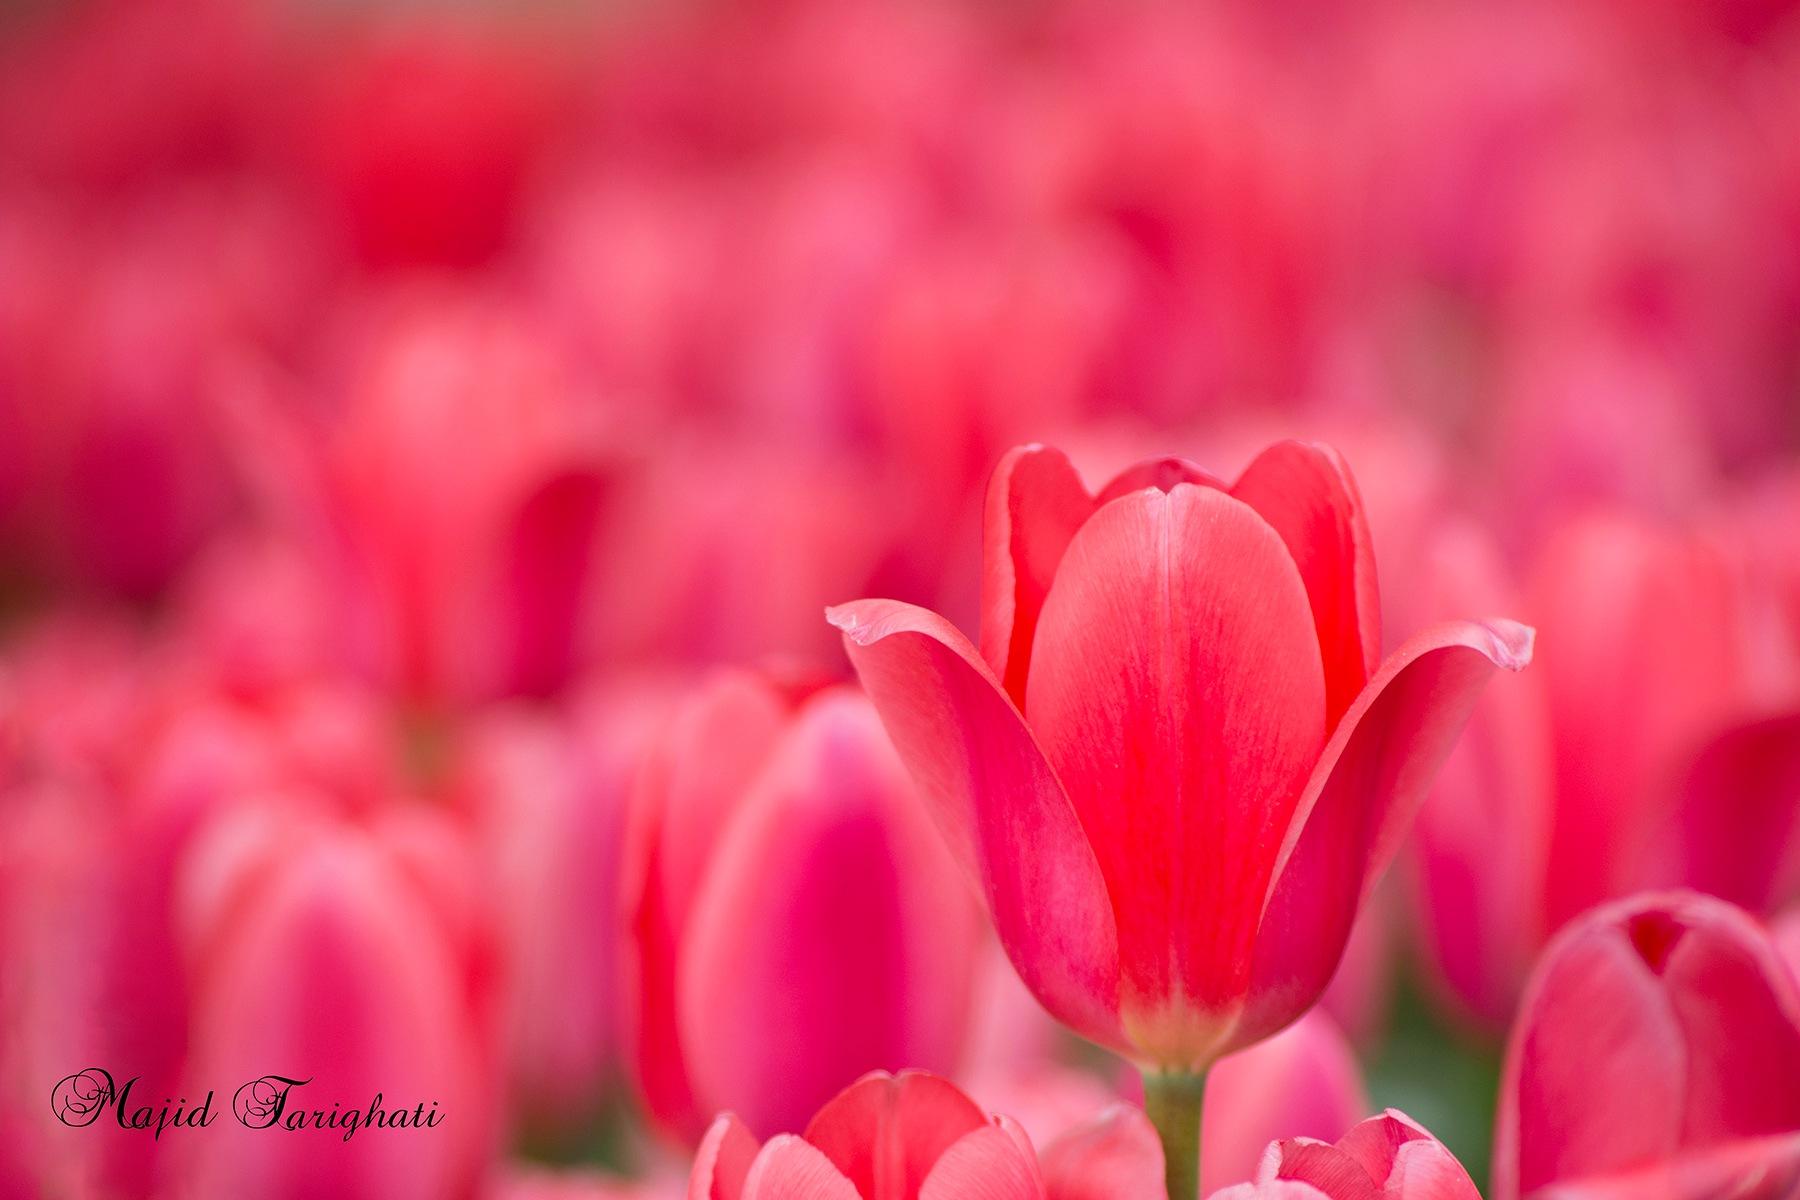 tulips by Majid Tarighati